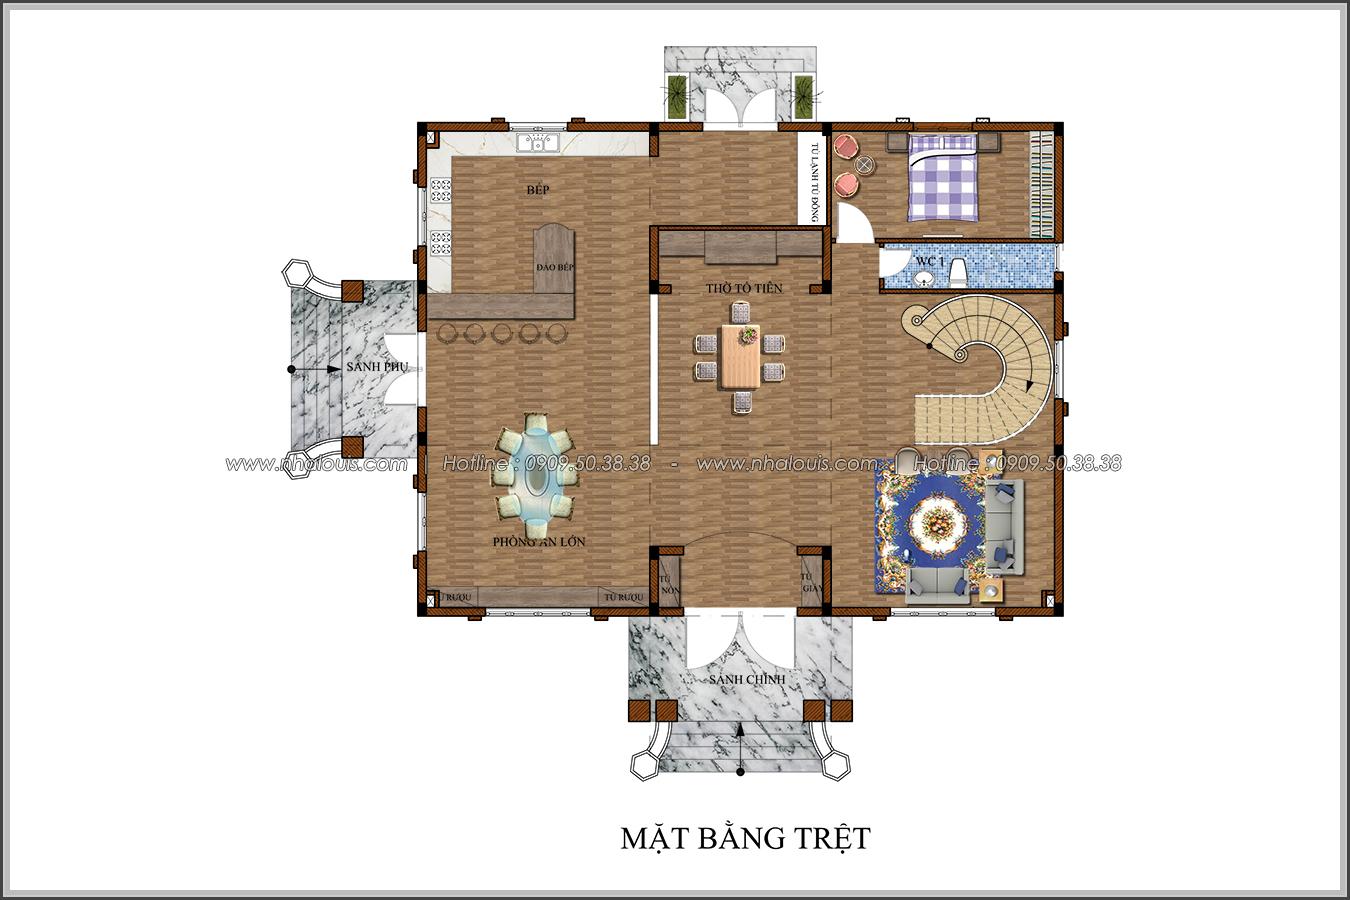 Lạc trôi với thiết kế biệt thự 3 tầng kiểu pháp tại Biên Hòa tráng lệ - 04